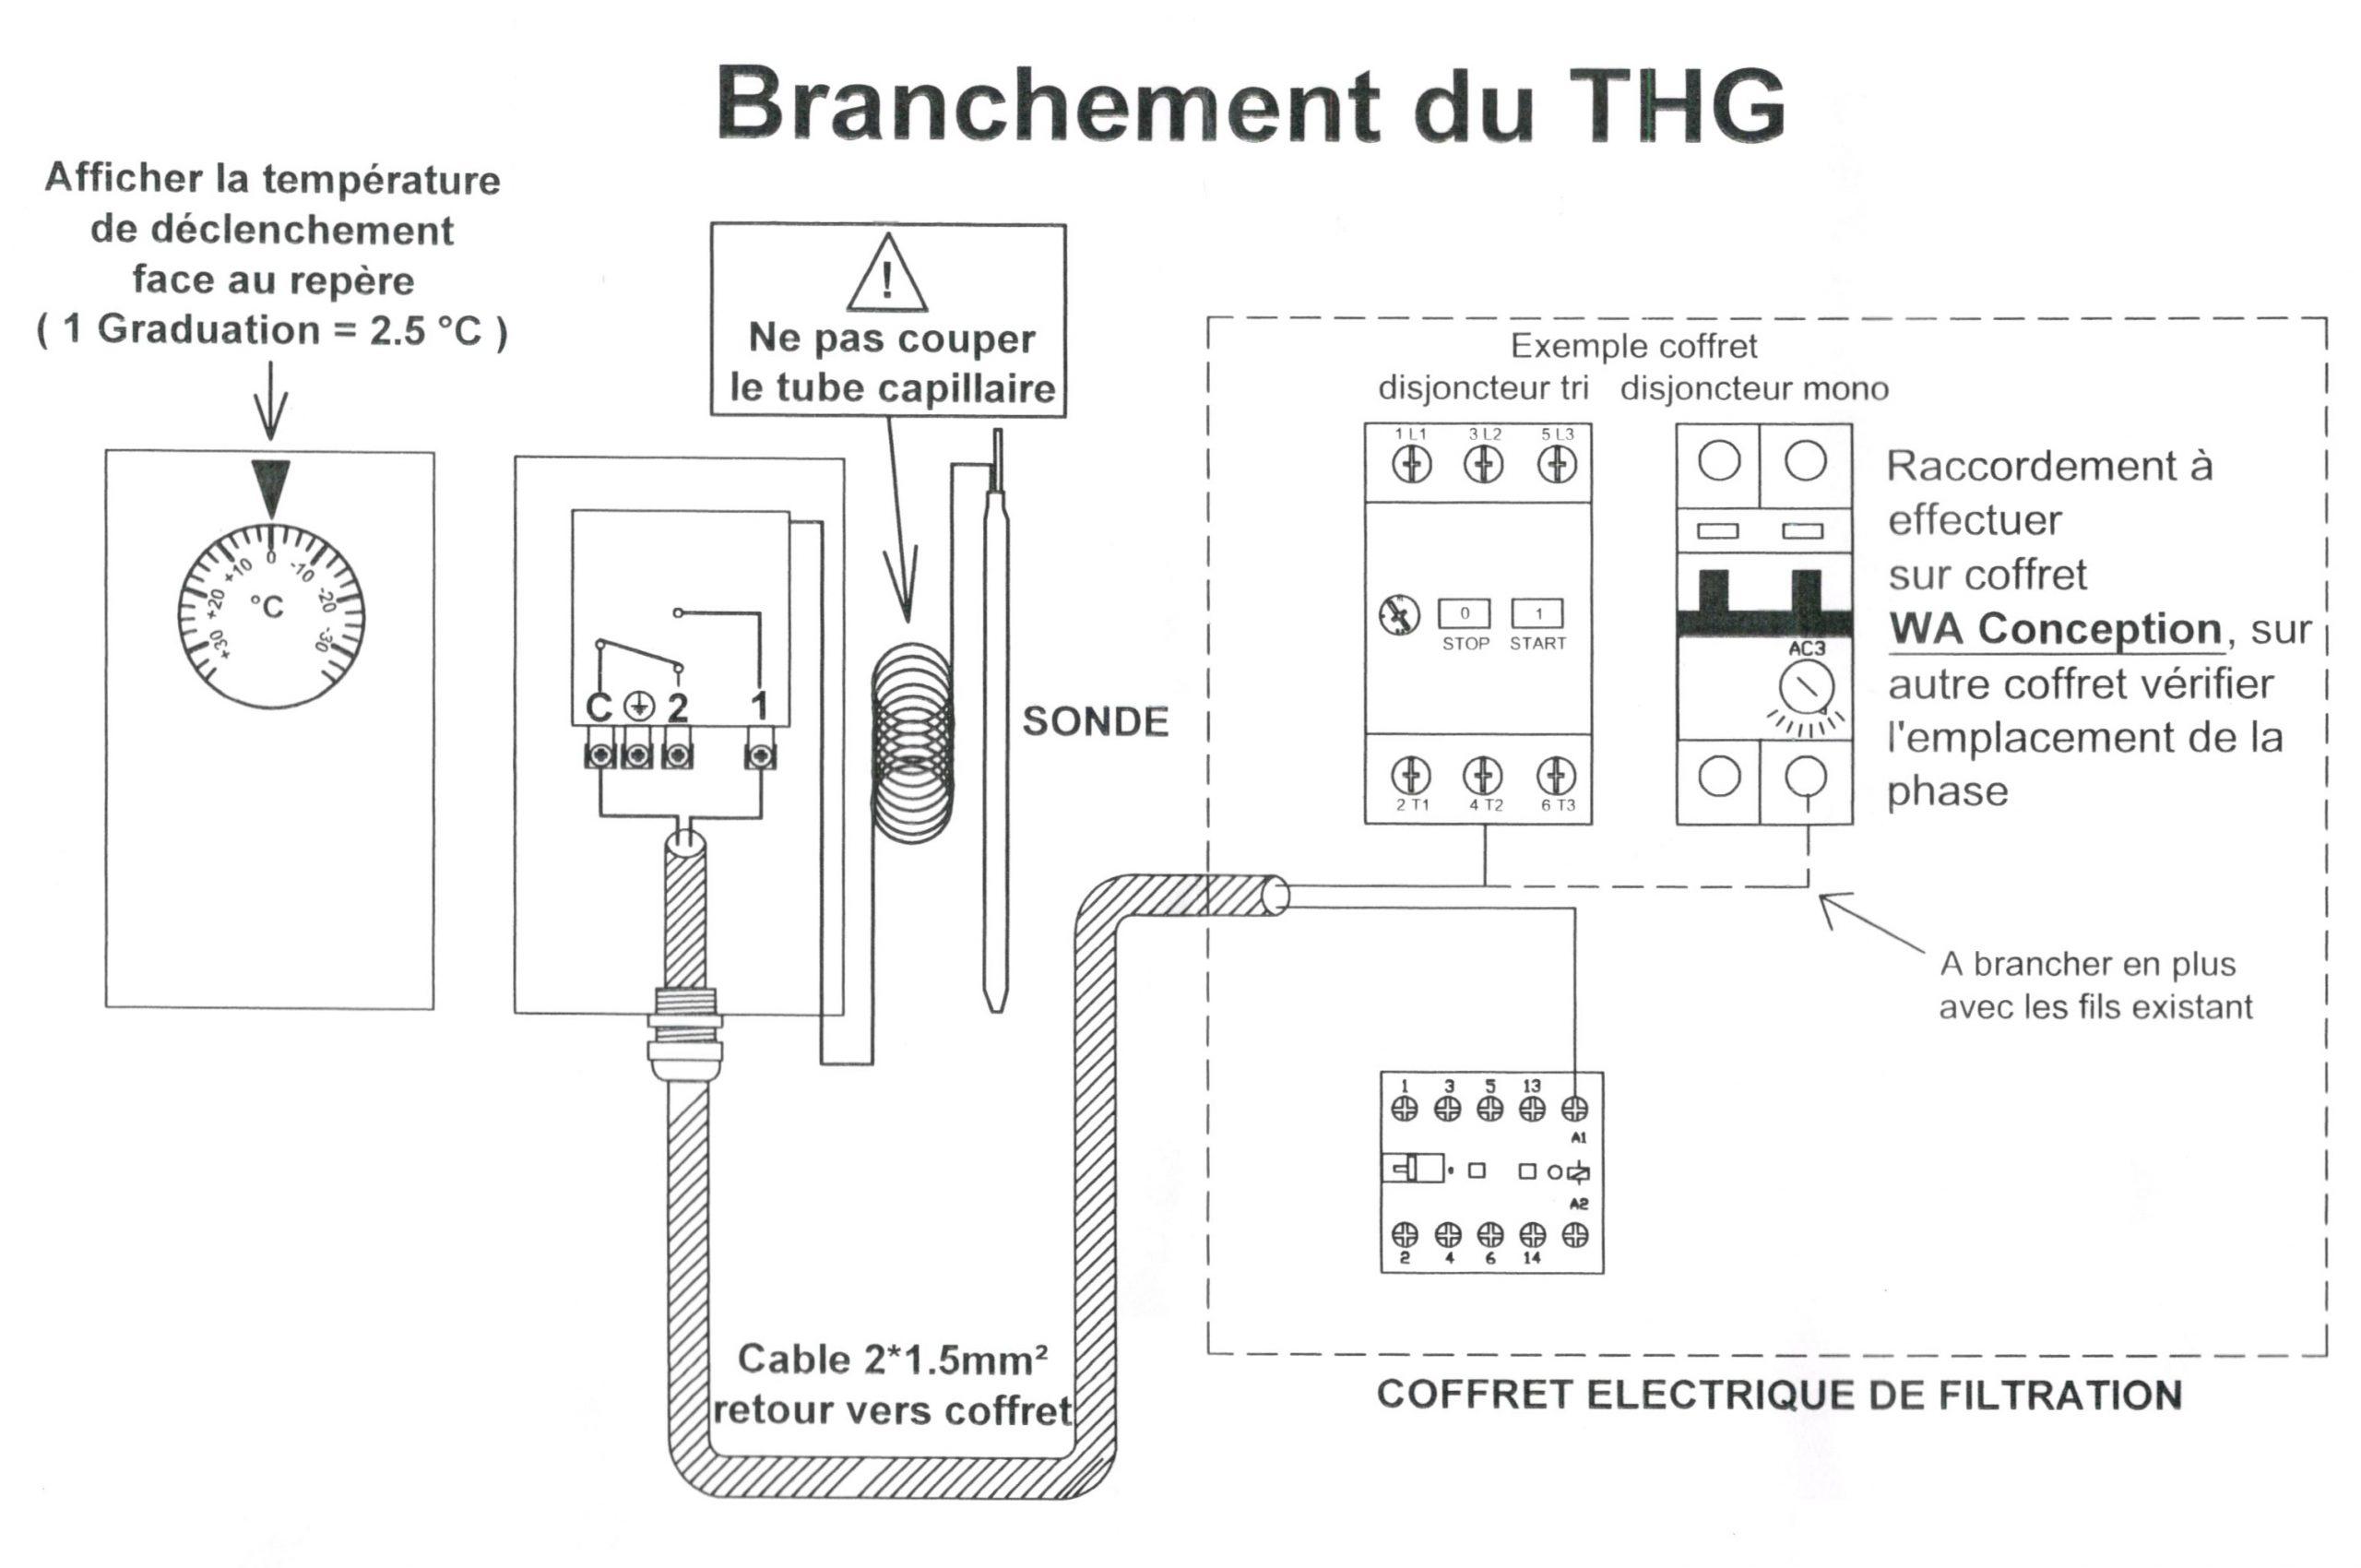 Thermostat Hors Gel Mécanique Thg tout Coffret Hors Gel Piscine